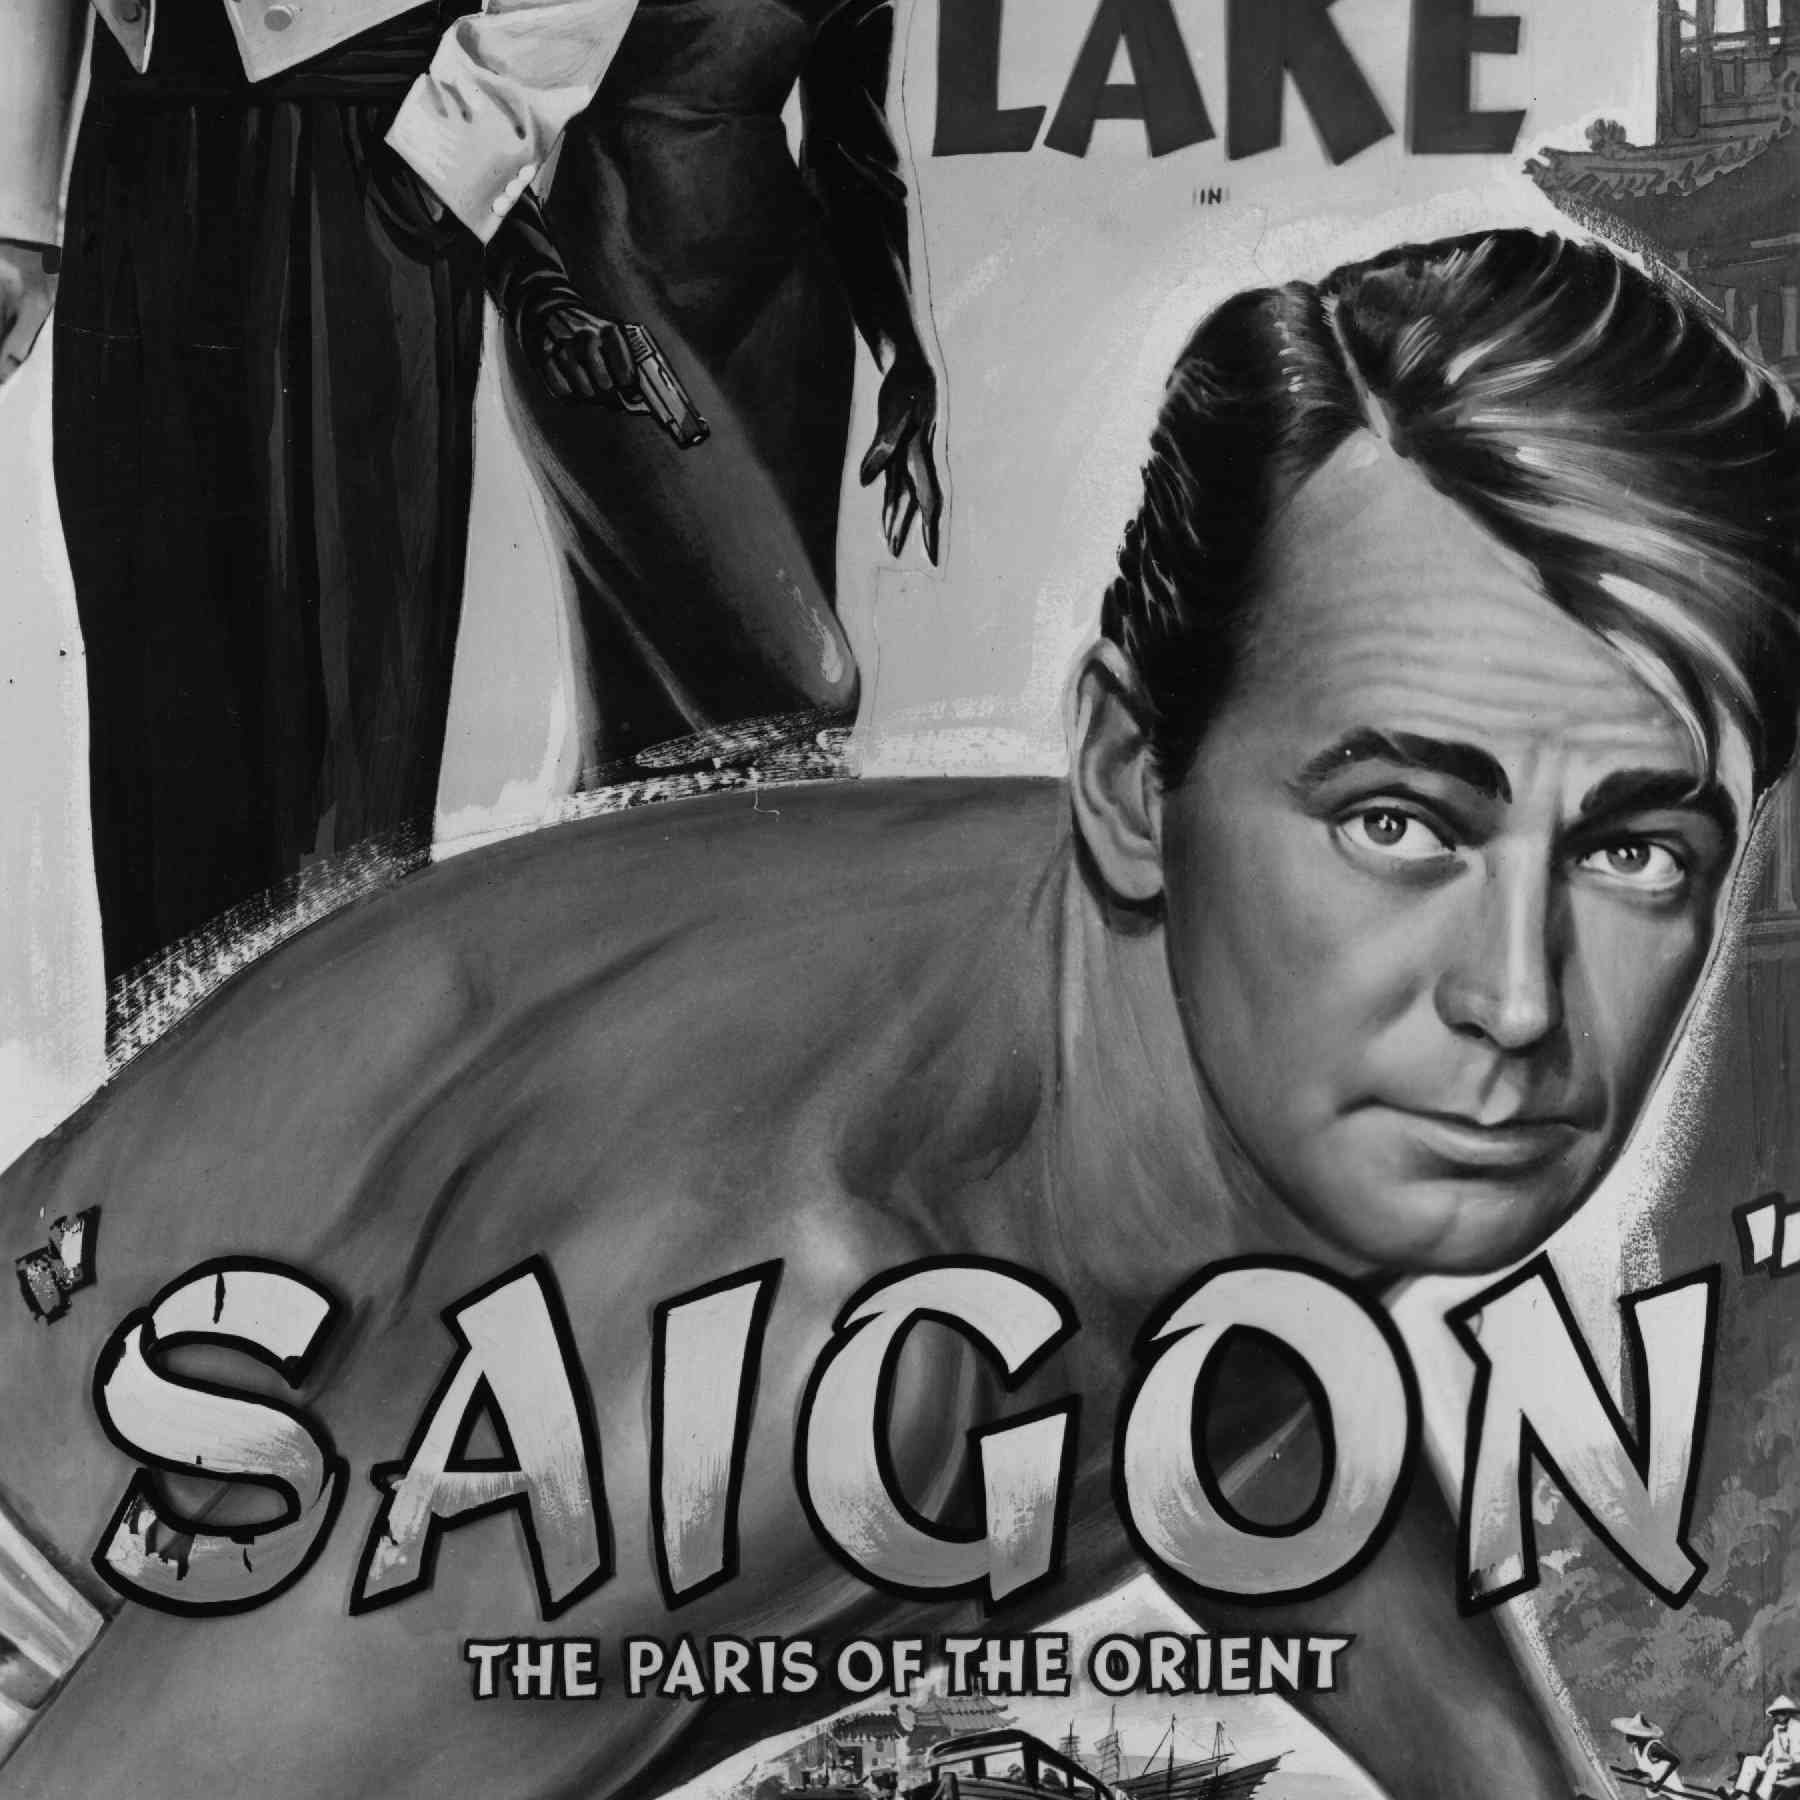 Saigon movie poster